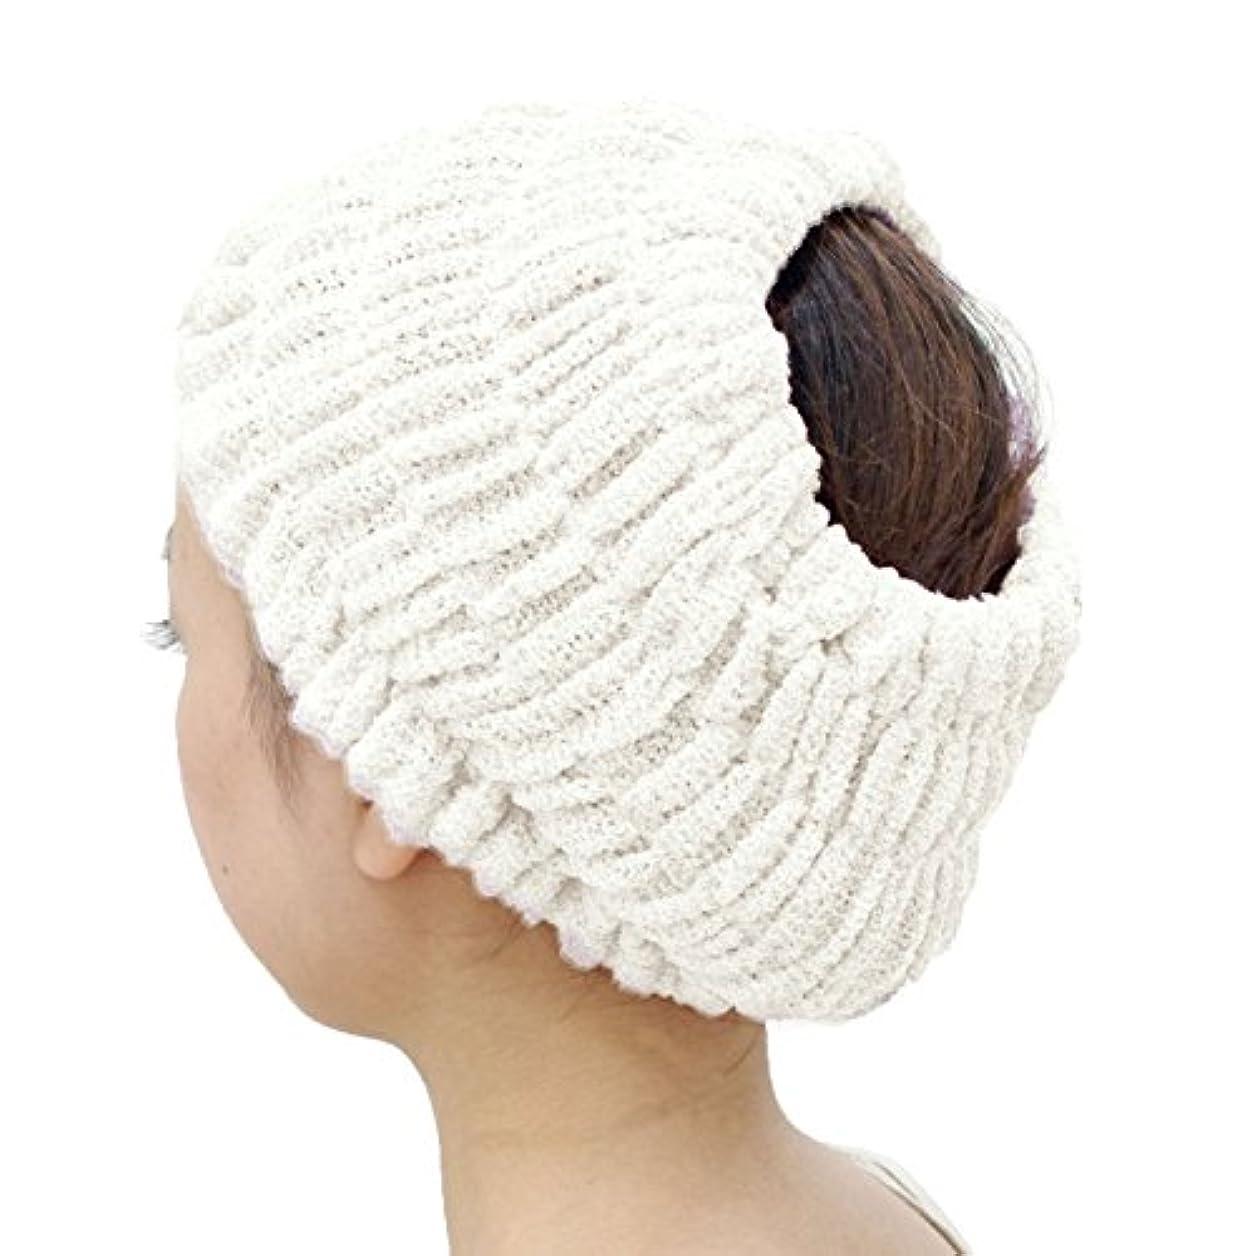 行為品揃えパニックオカ(OKA) プリスベイス エピ 乾きやすいバスヘアターバン ホワイト フリーサイズ PLYS base epi(ターバン ヘアバンド 髪留め)